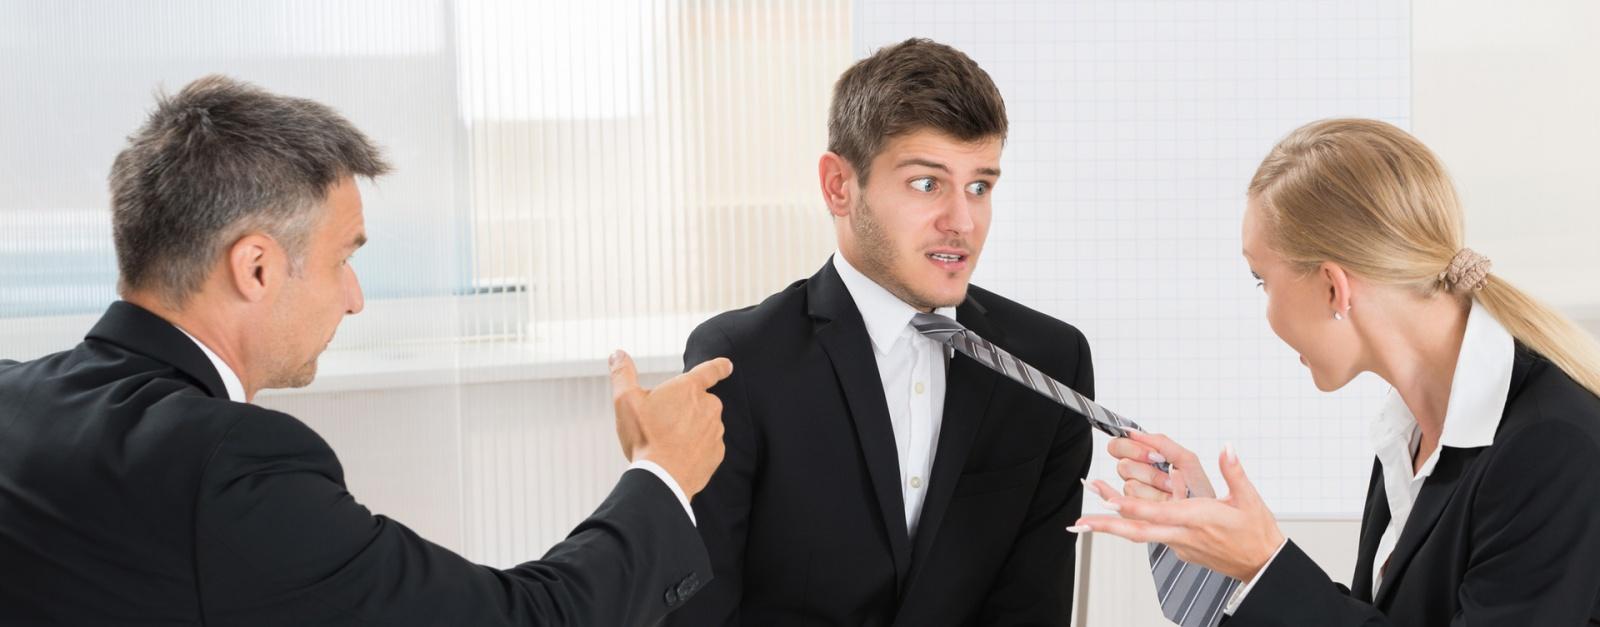 Работодатель против работника и конкурента – кто победит в споре за интеллектуальные права? - 1